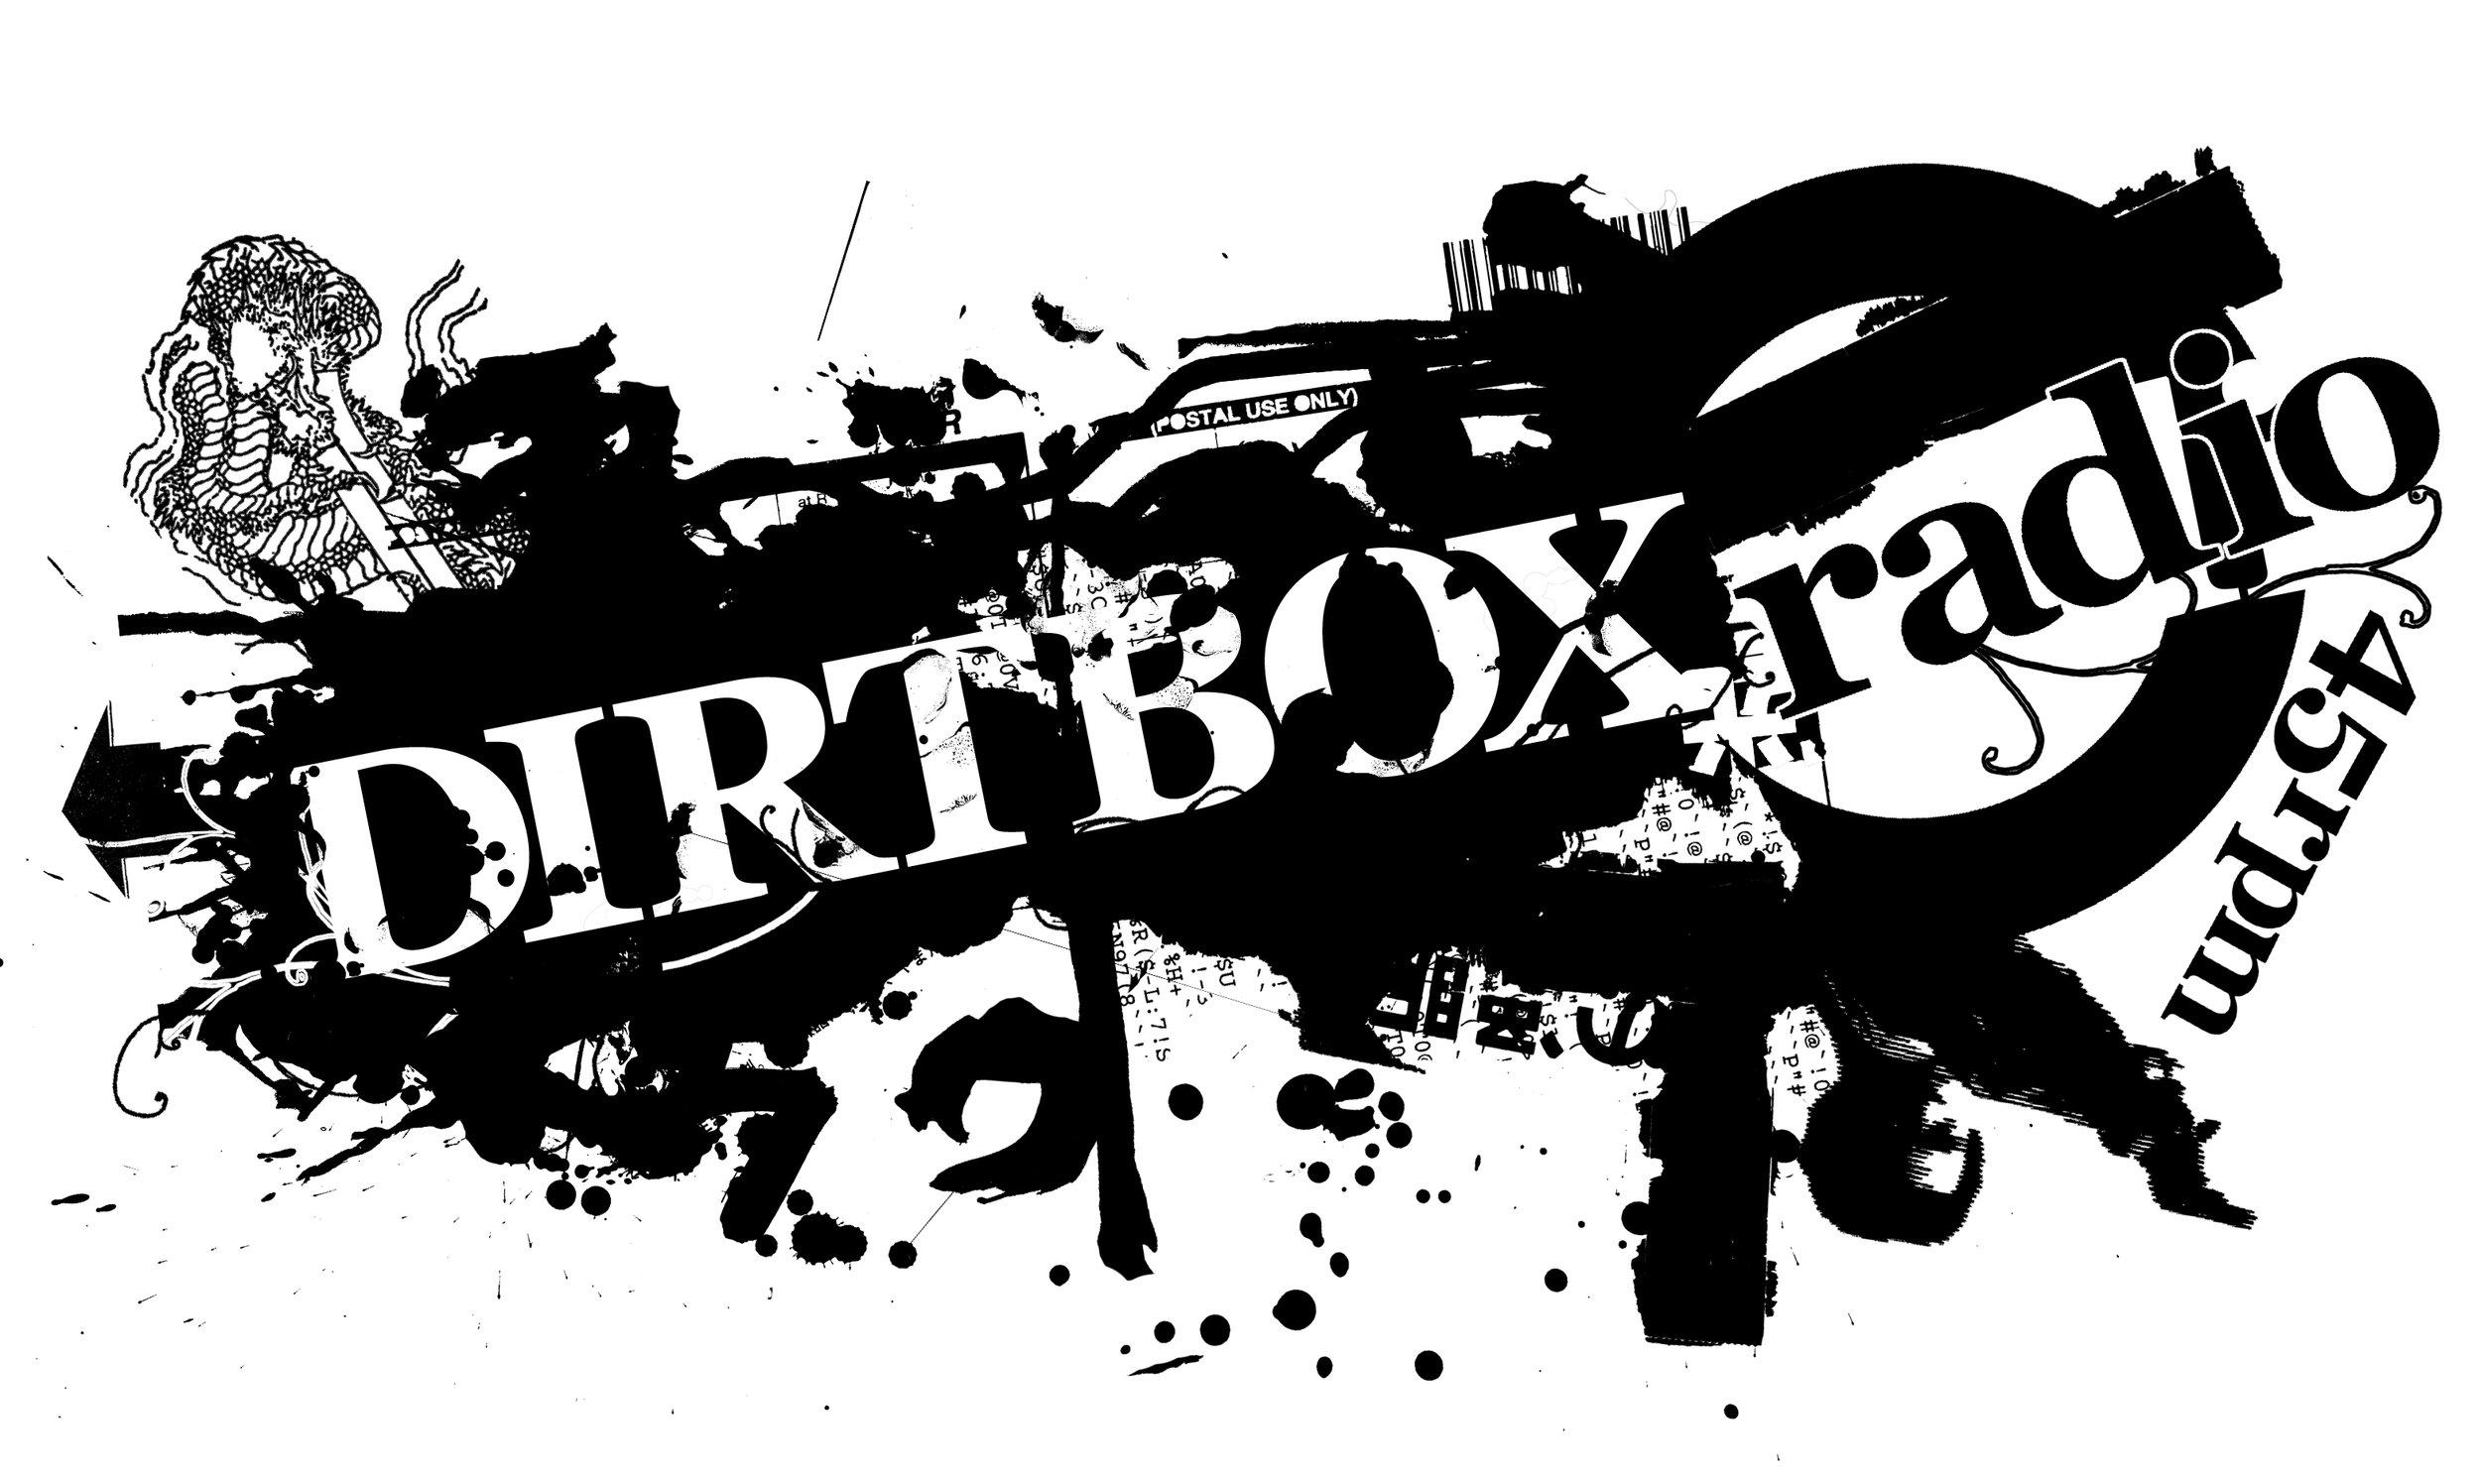 DBR_2007_dirtbox_front001_crop.jpg